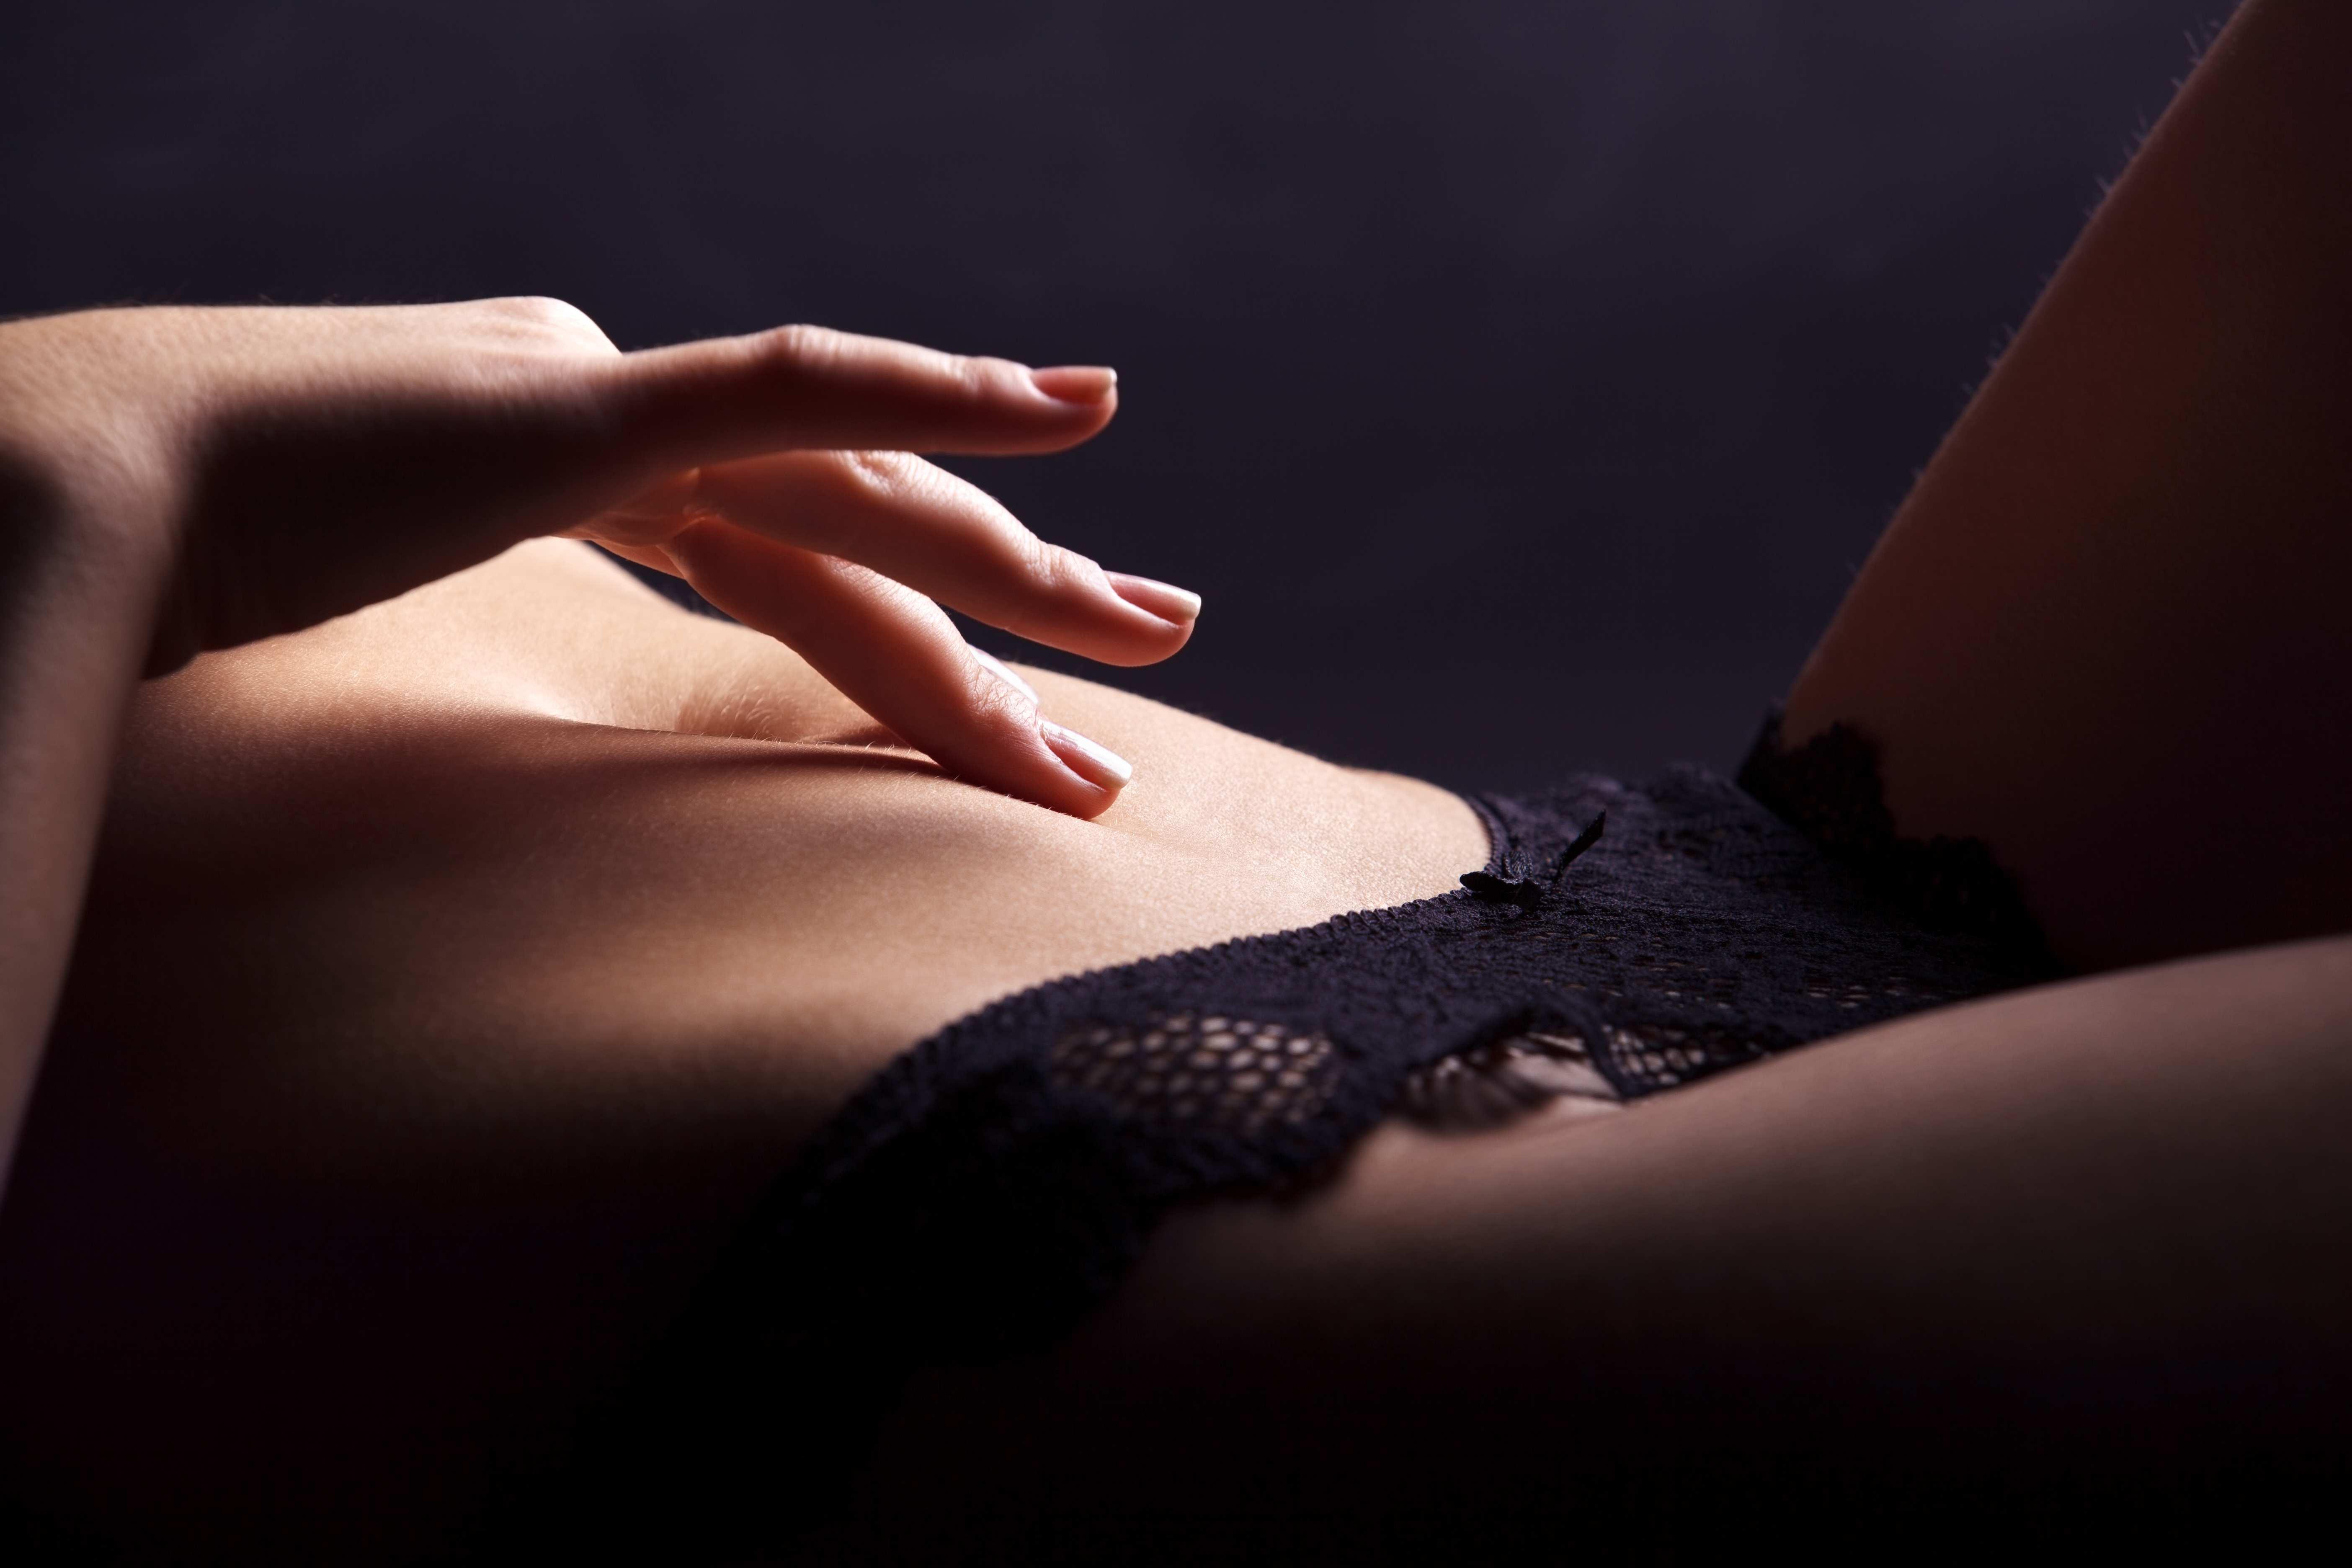 Фото интимные сексуальные, Красивые интимные фото девушек и женщин смотреть 8 фотография